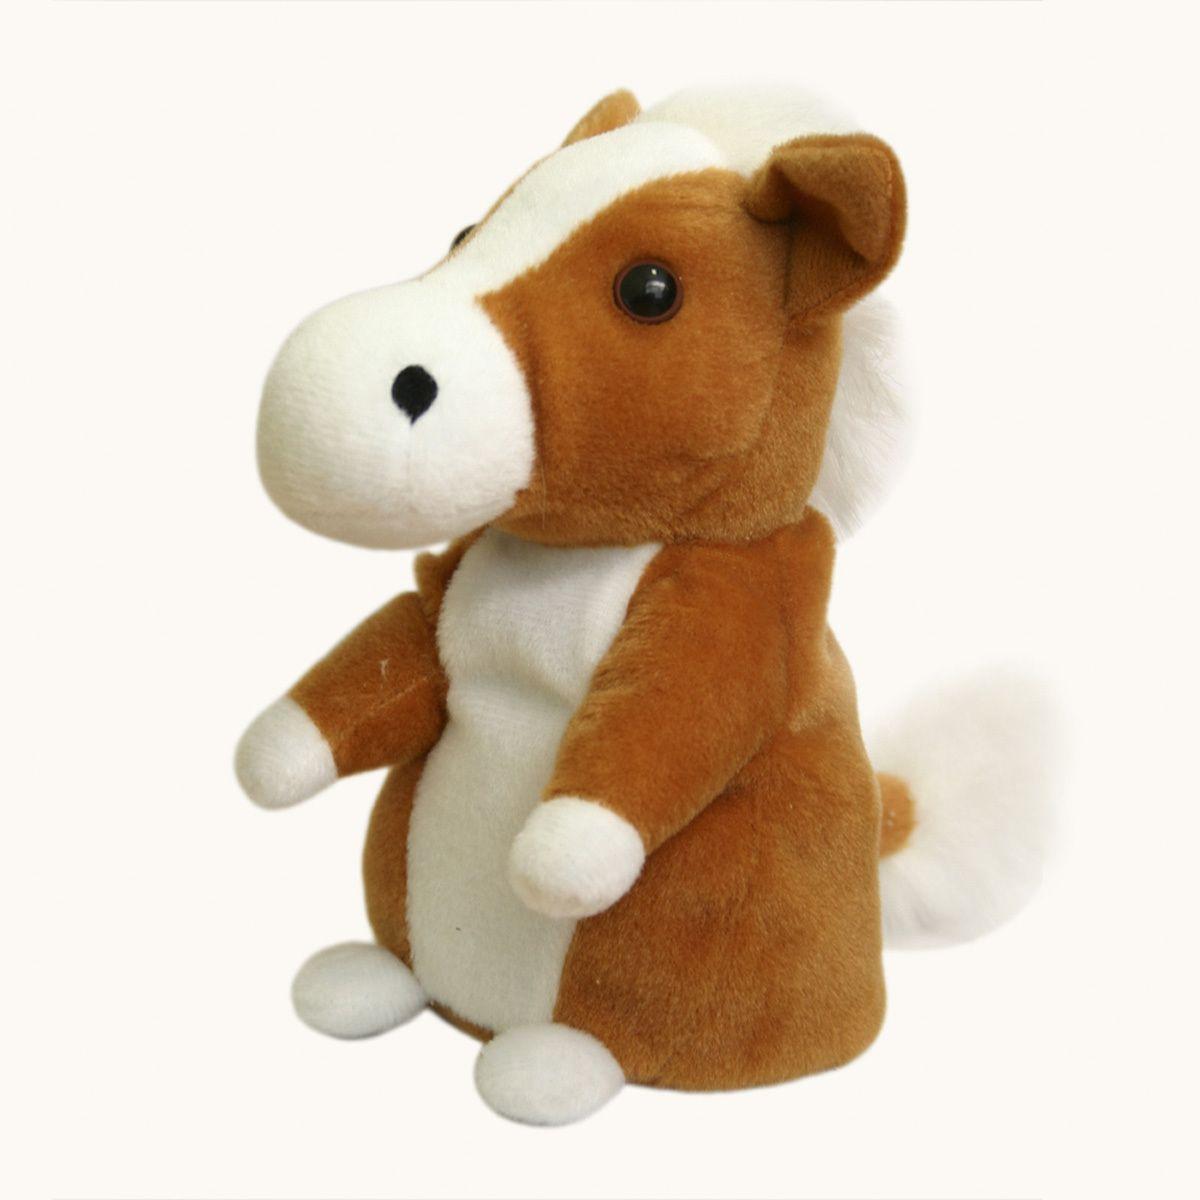 Интерактивная игрушка говорящая ЛошадьИнтерактивные игрушки<br>Говорящая Лошадка Woody`O`Time<br>Размер: 9 x 15 x 8.5 см; Объем: None; Материал: Искусственный мех, пластик, текстиль; Цвет: Коричневый;